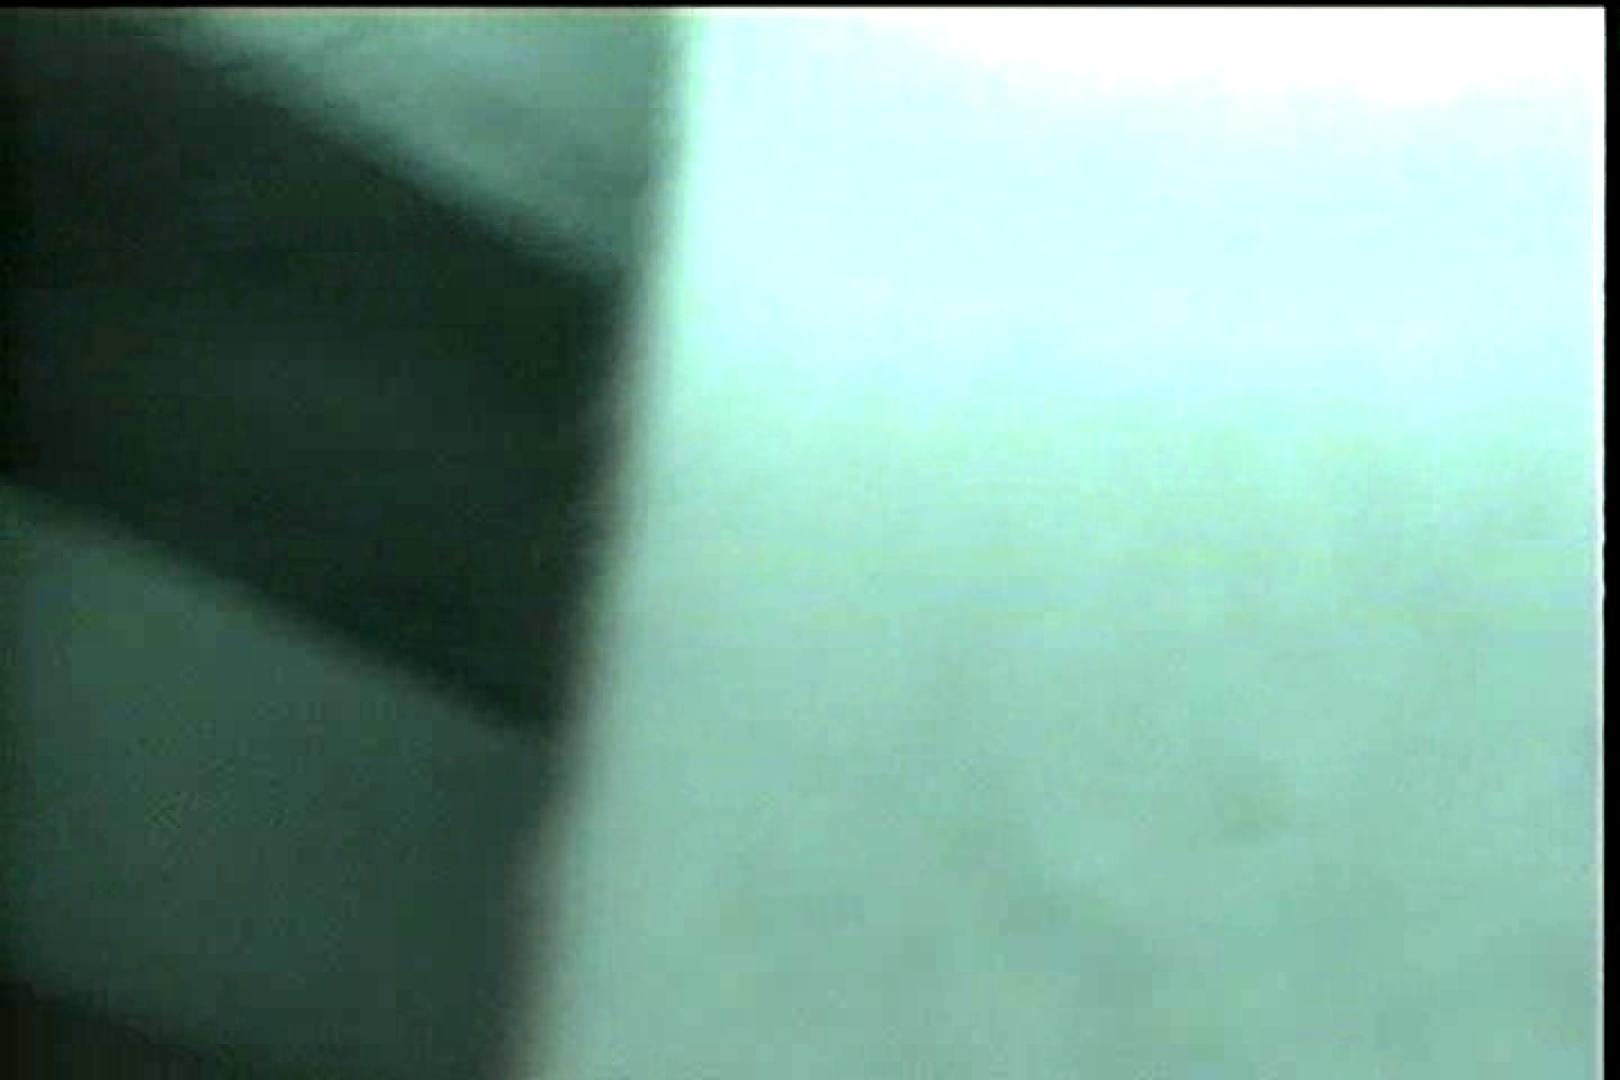 闇の仕掛け人 無修正版 Vol.18 制服フェチへ   カップル盗撮  60画像 15